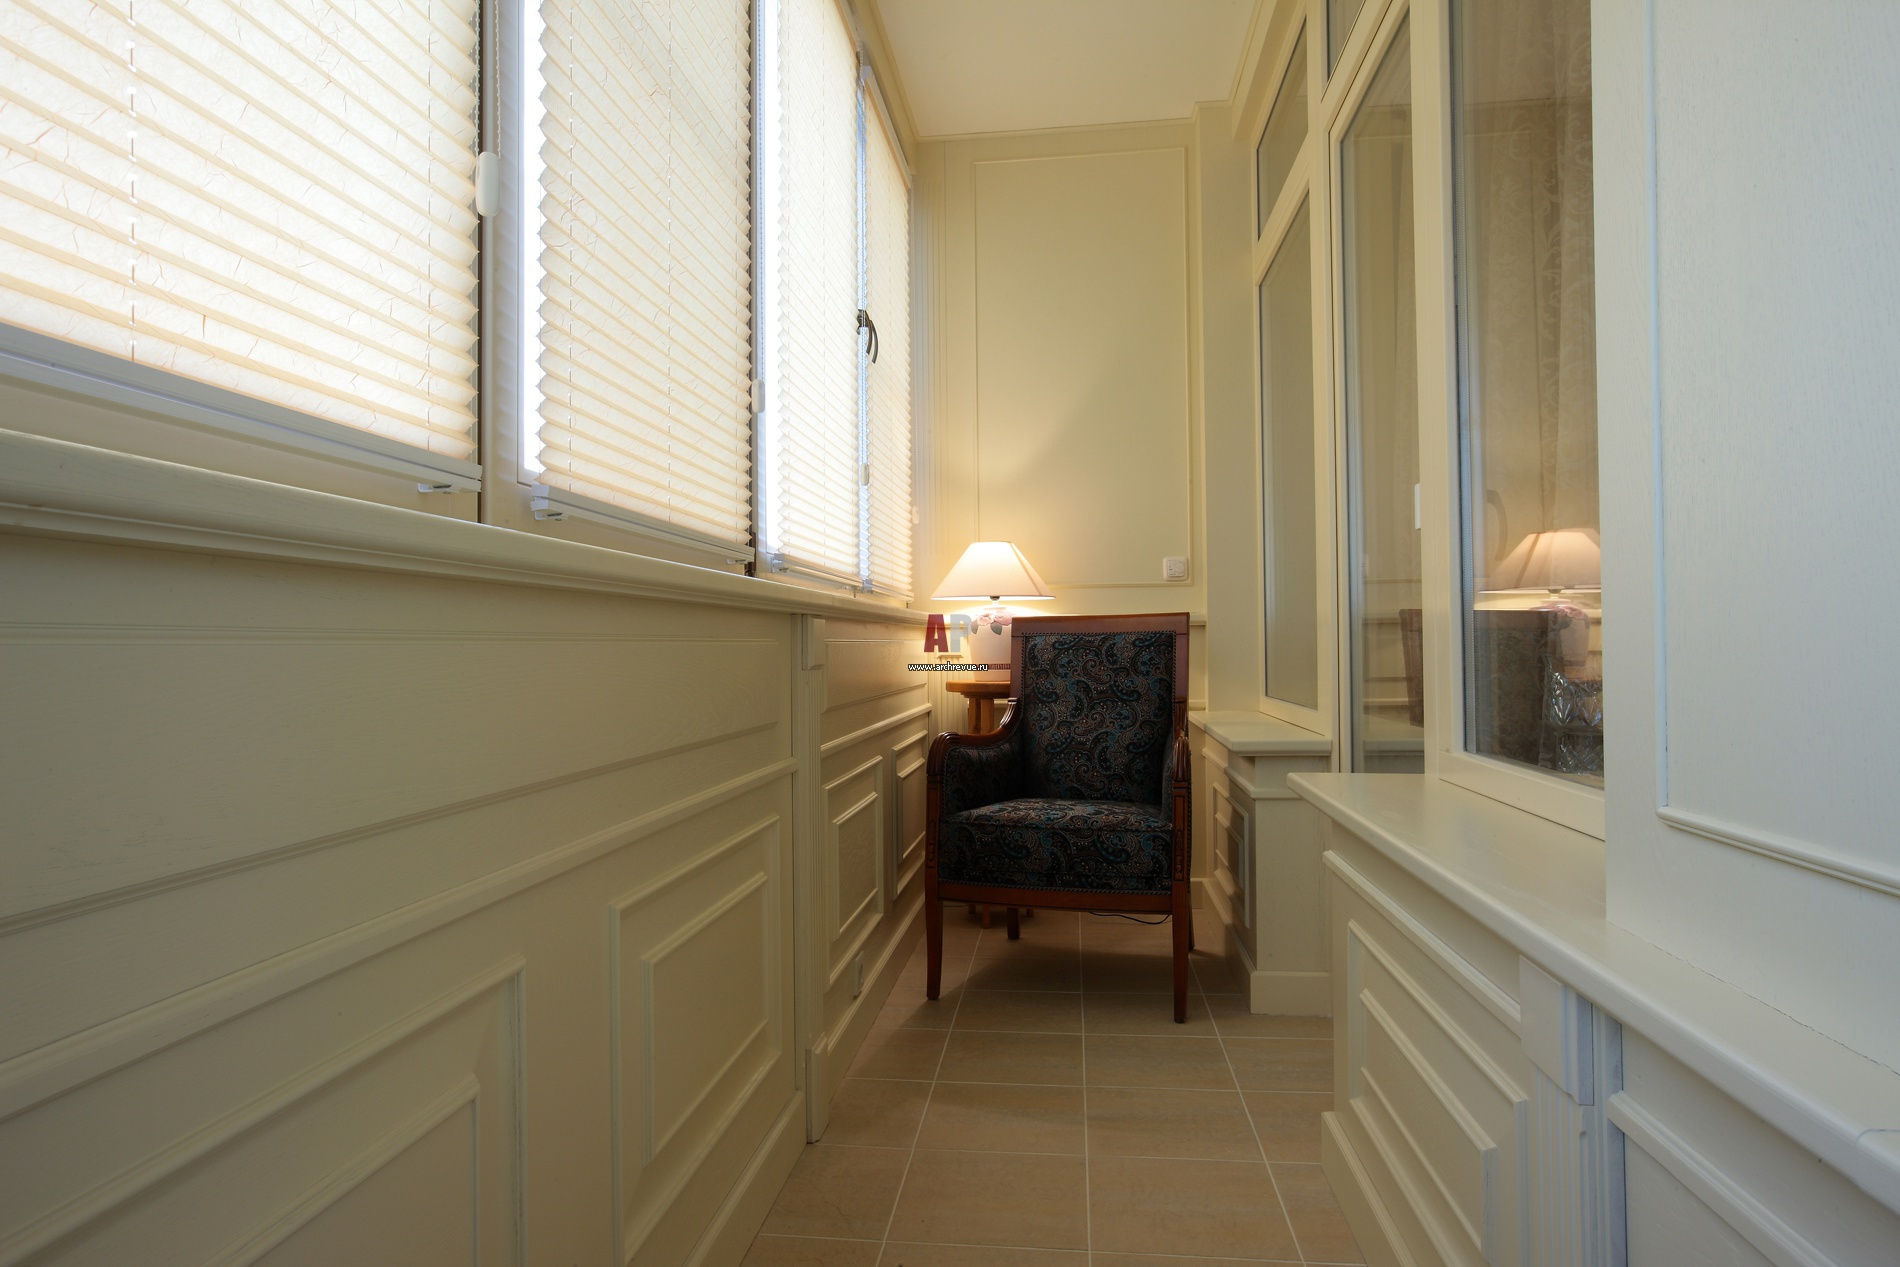 Интерьер уютной квартиры в неоклассике.